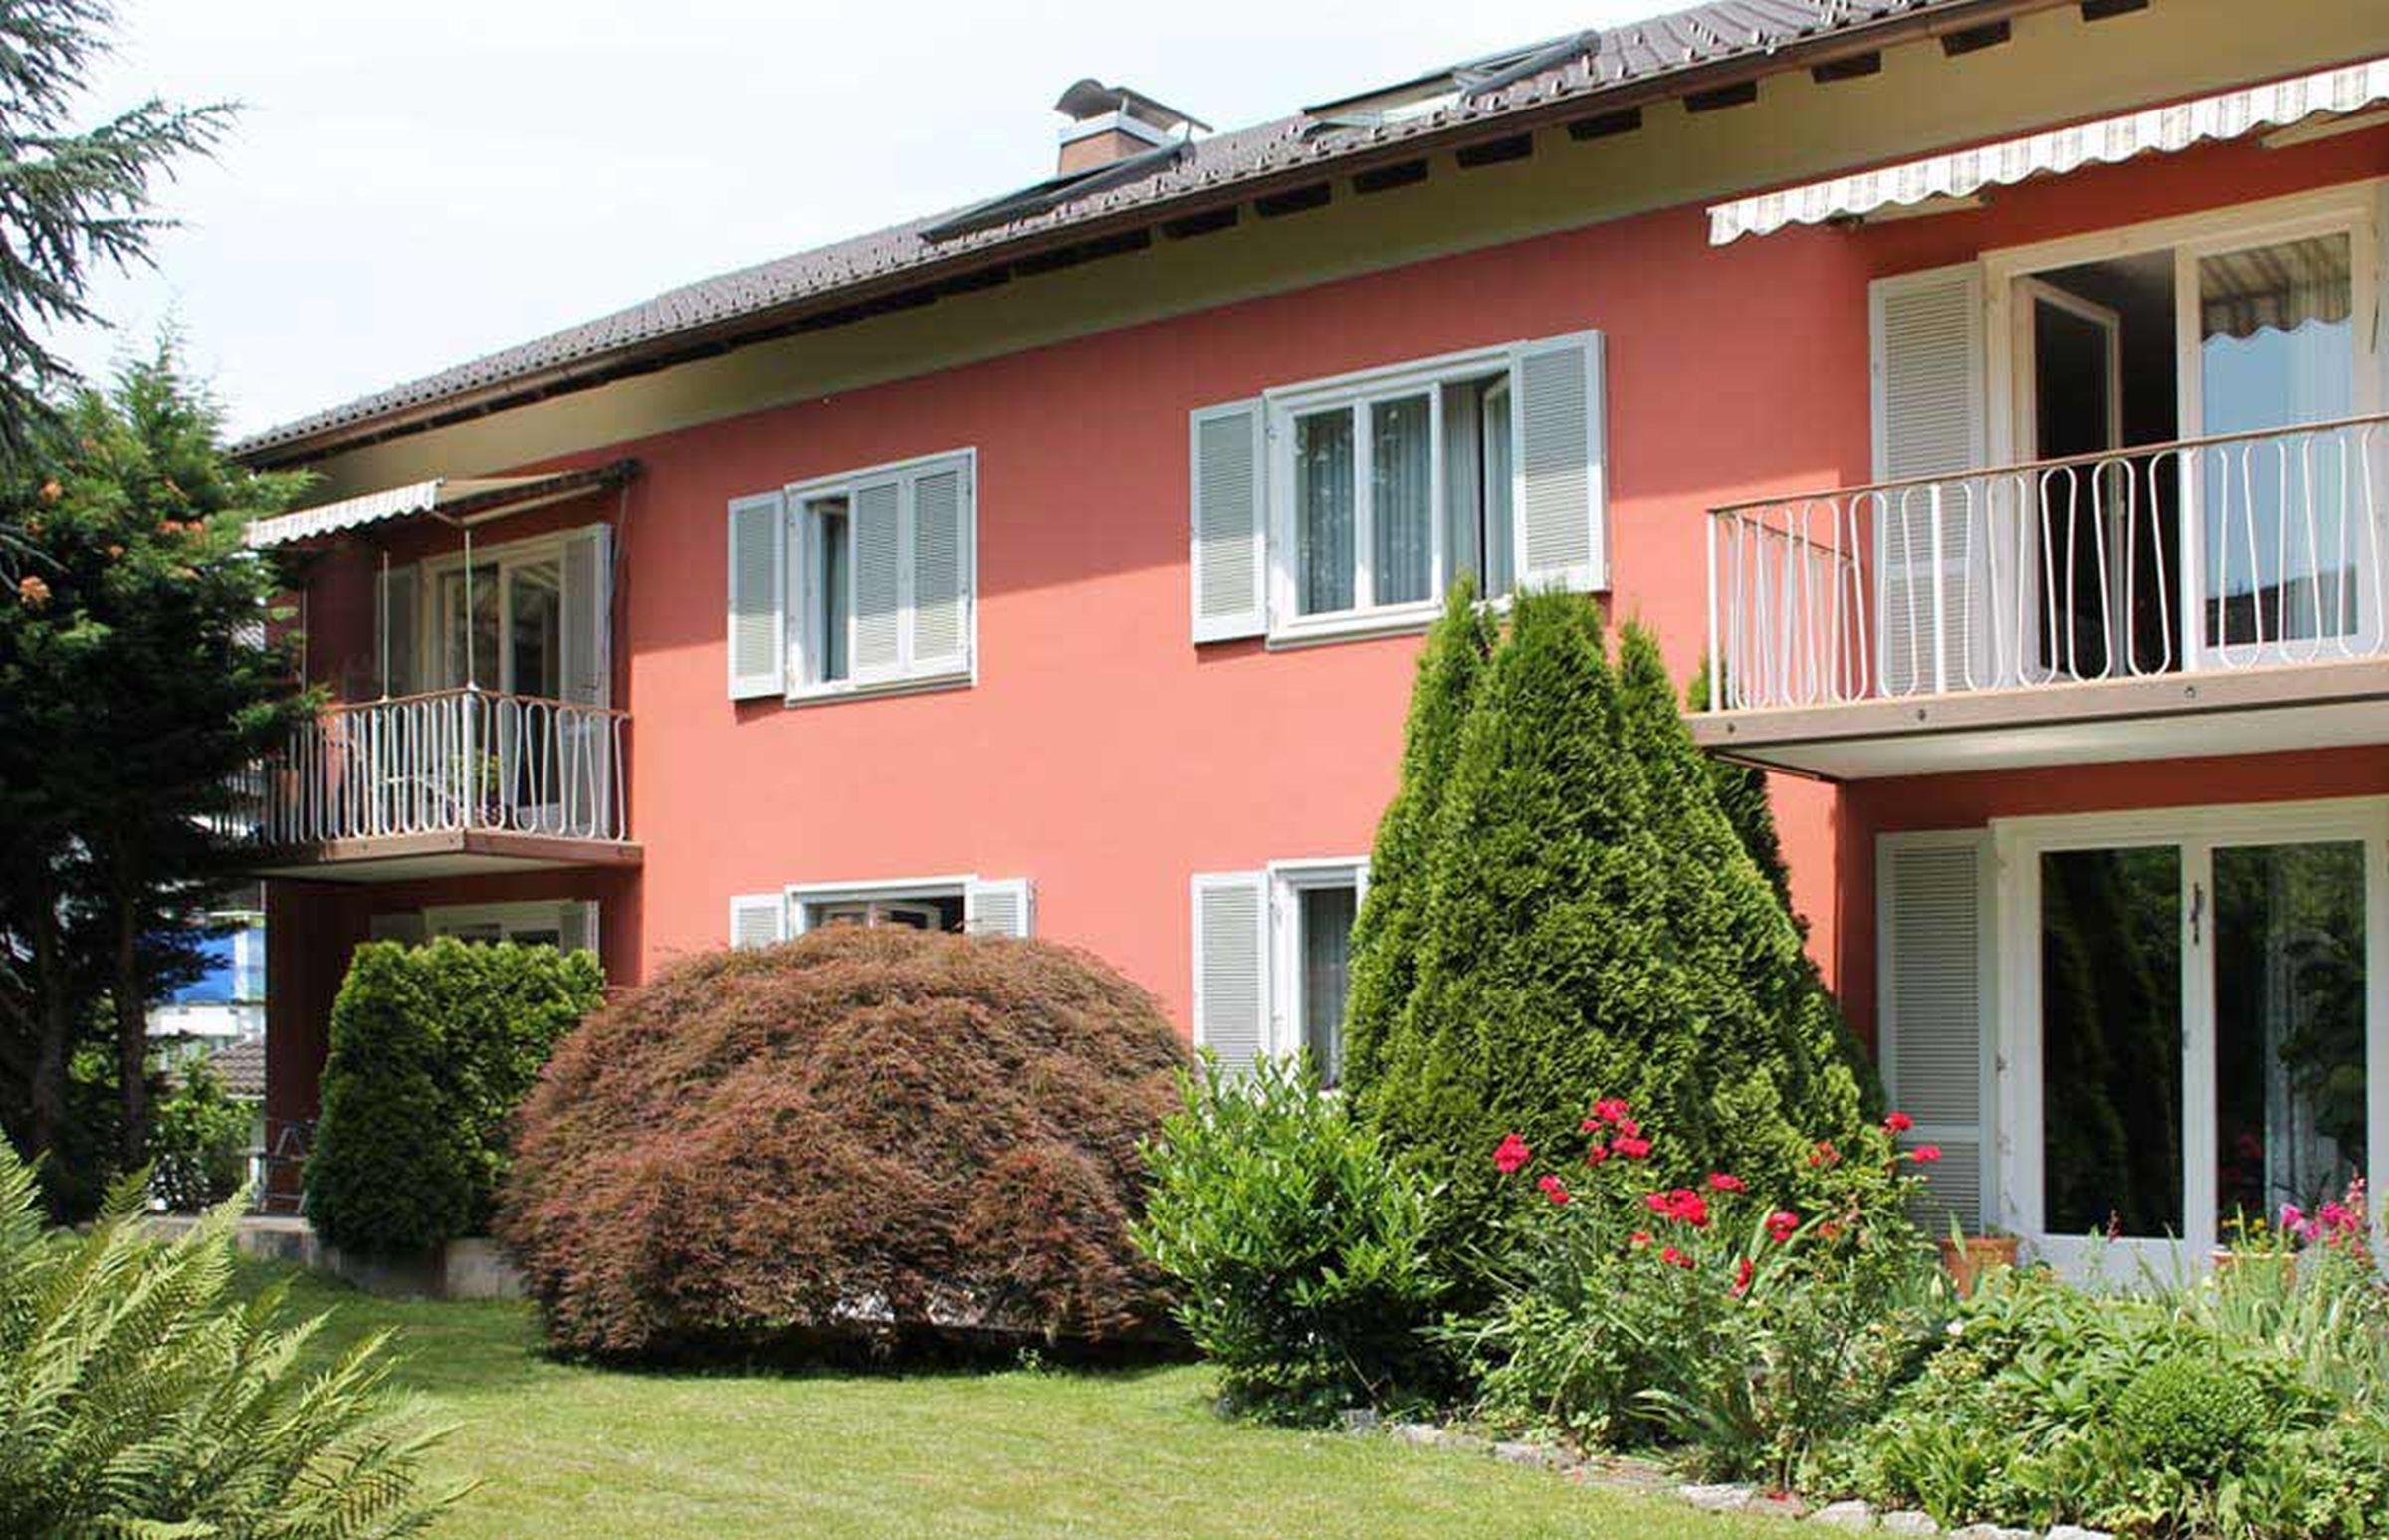 Ferienwohnung Familie Lindner, (Lindau am Bodensee Ferienwohnung am Bodensee